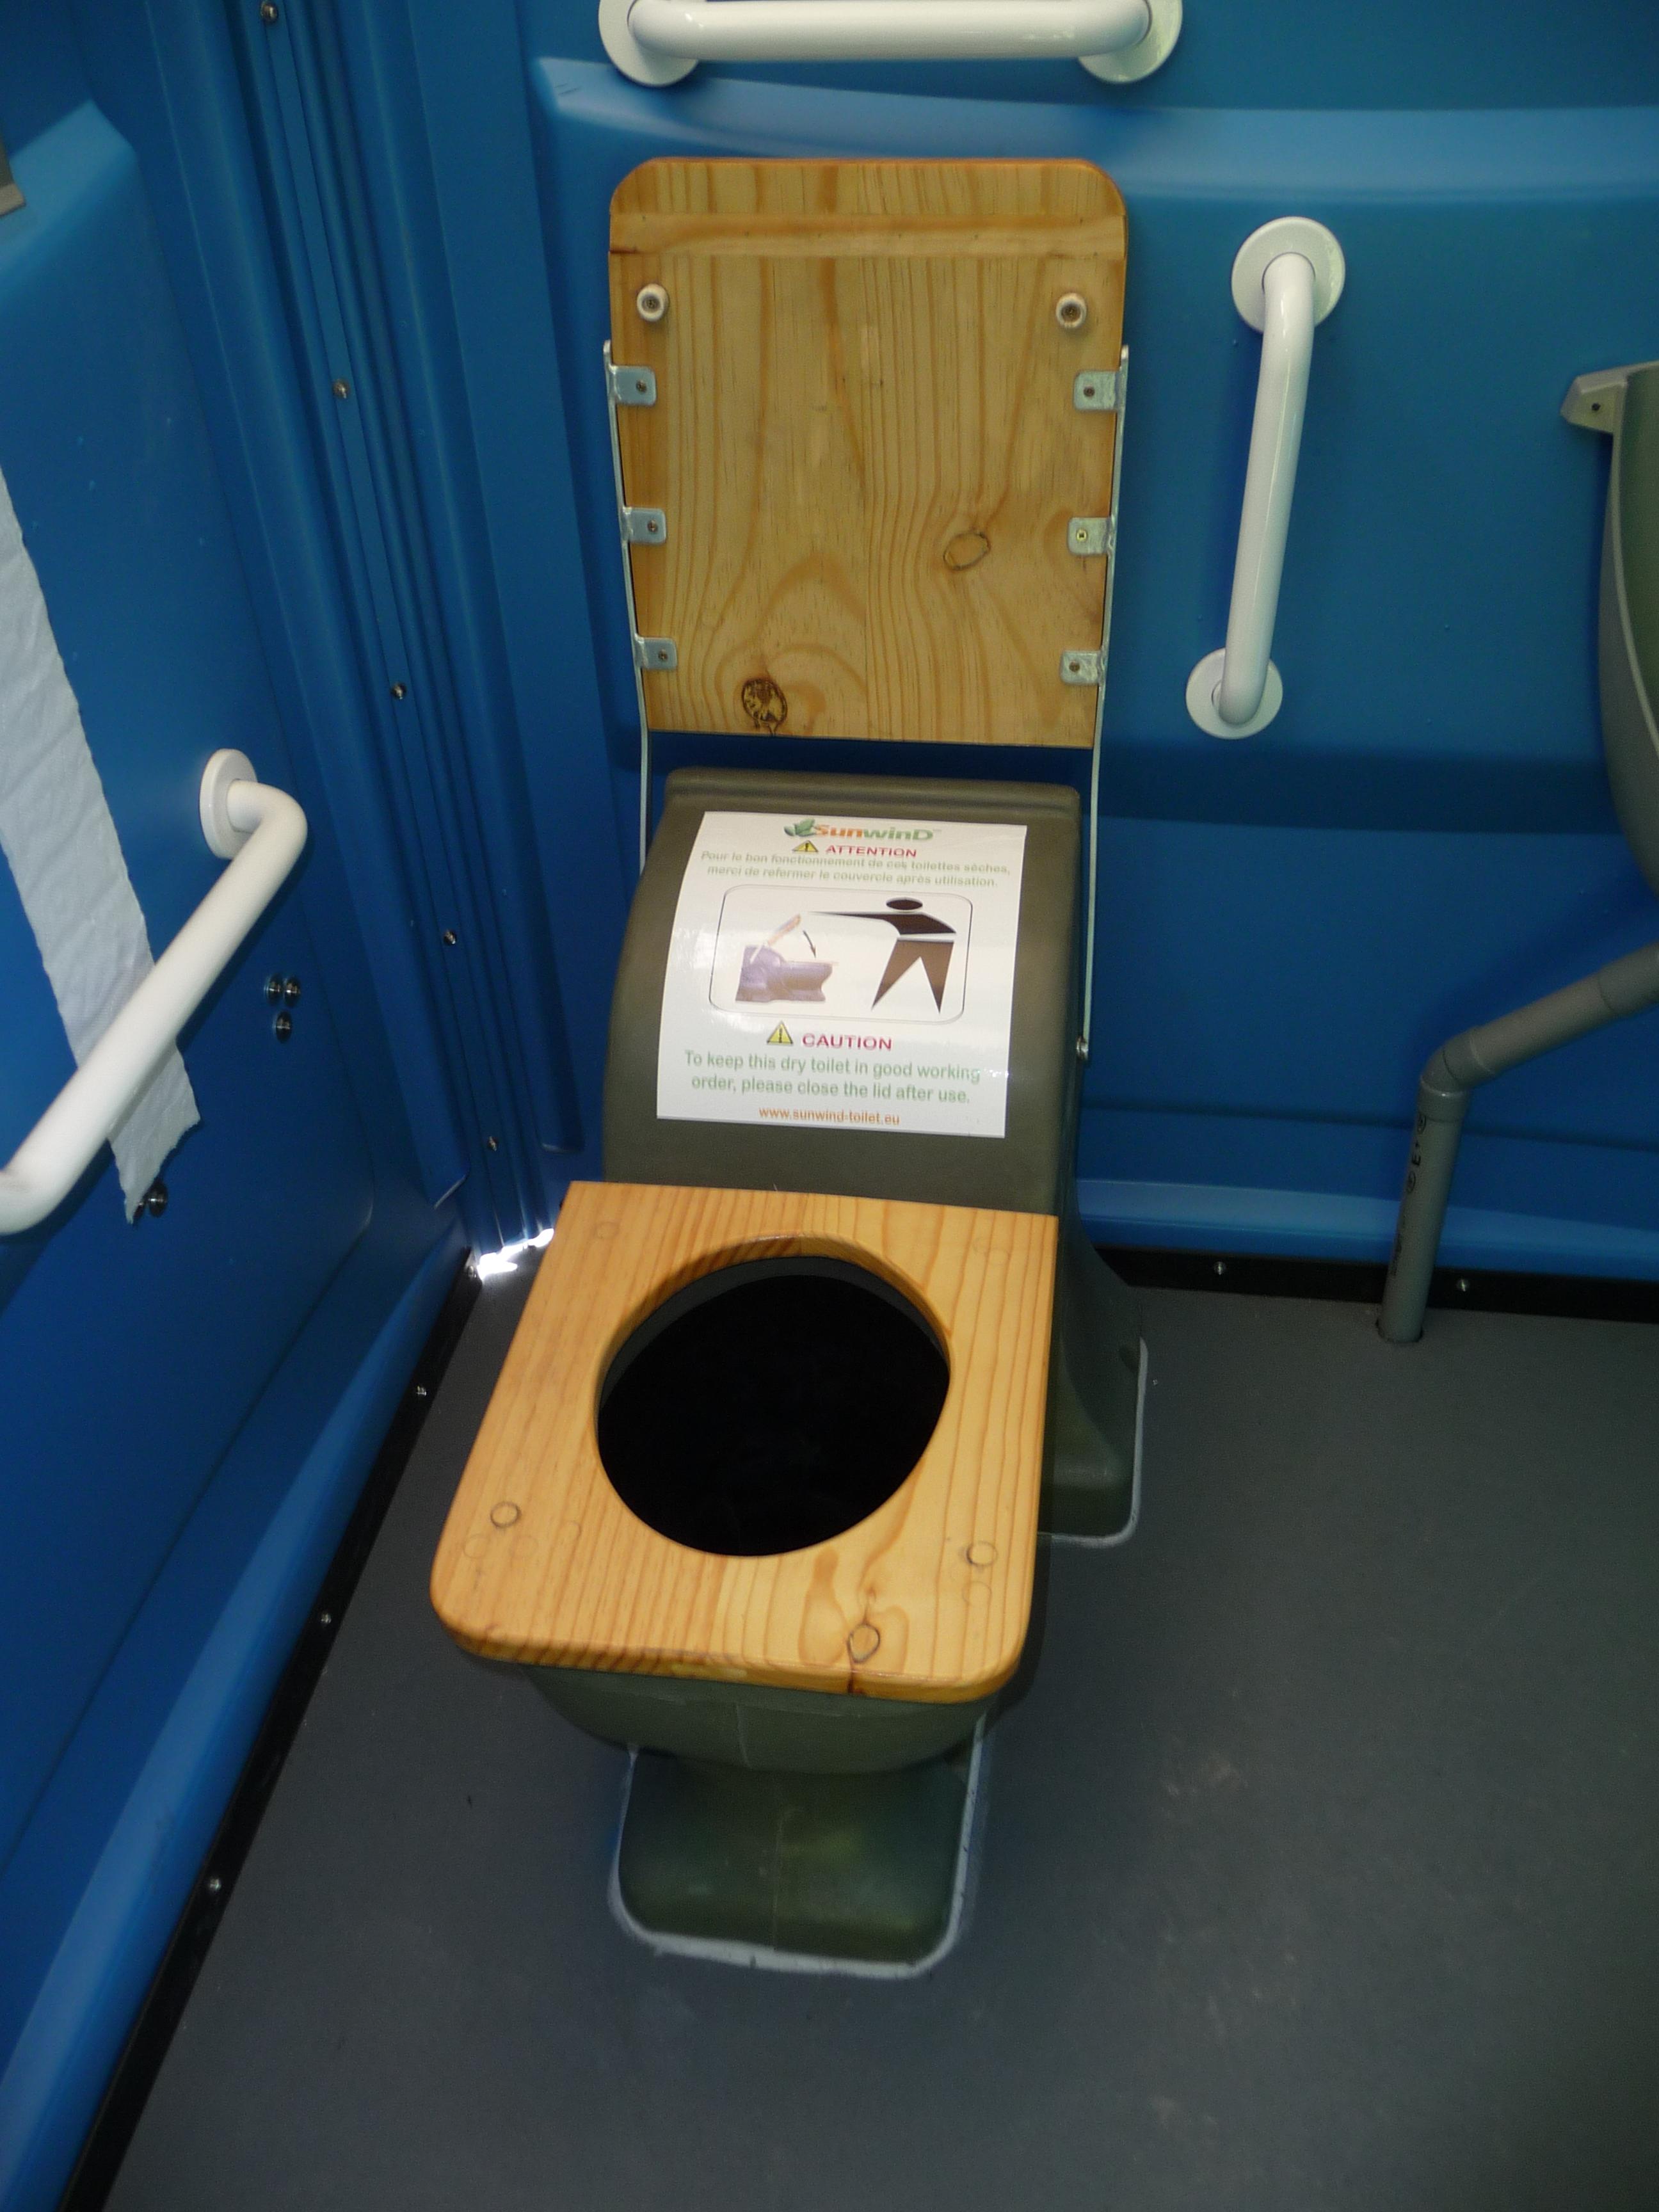 installation de toilettes s ches flumet tout en image sunwind. Black Bedroom Furniture Sets. Home Design Ideas